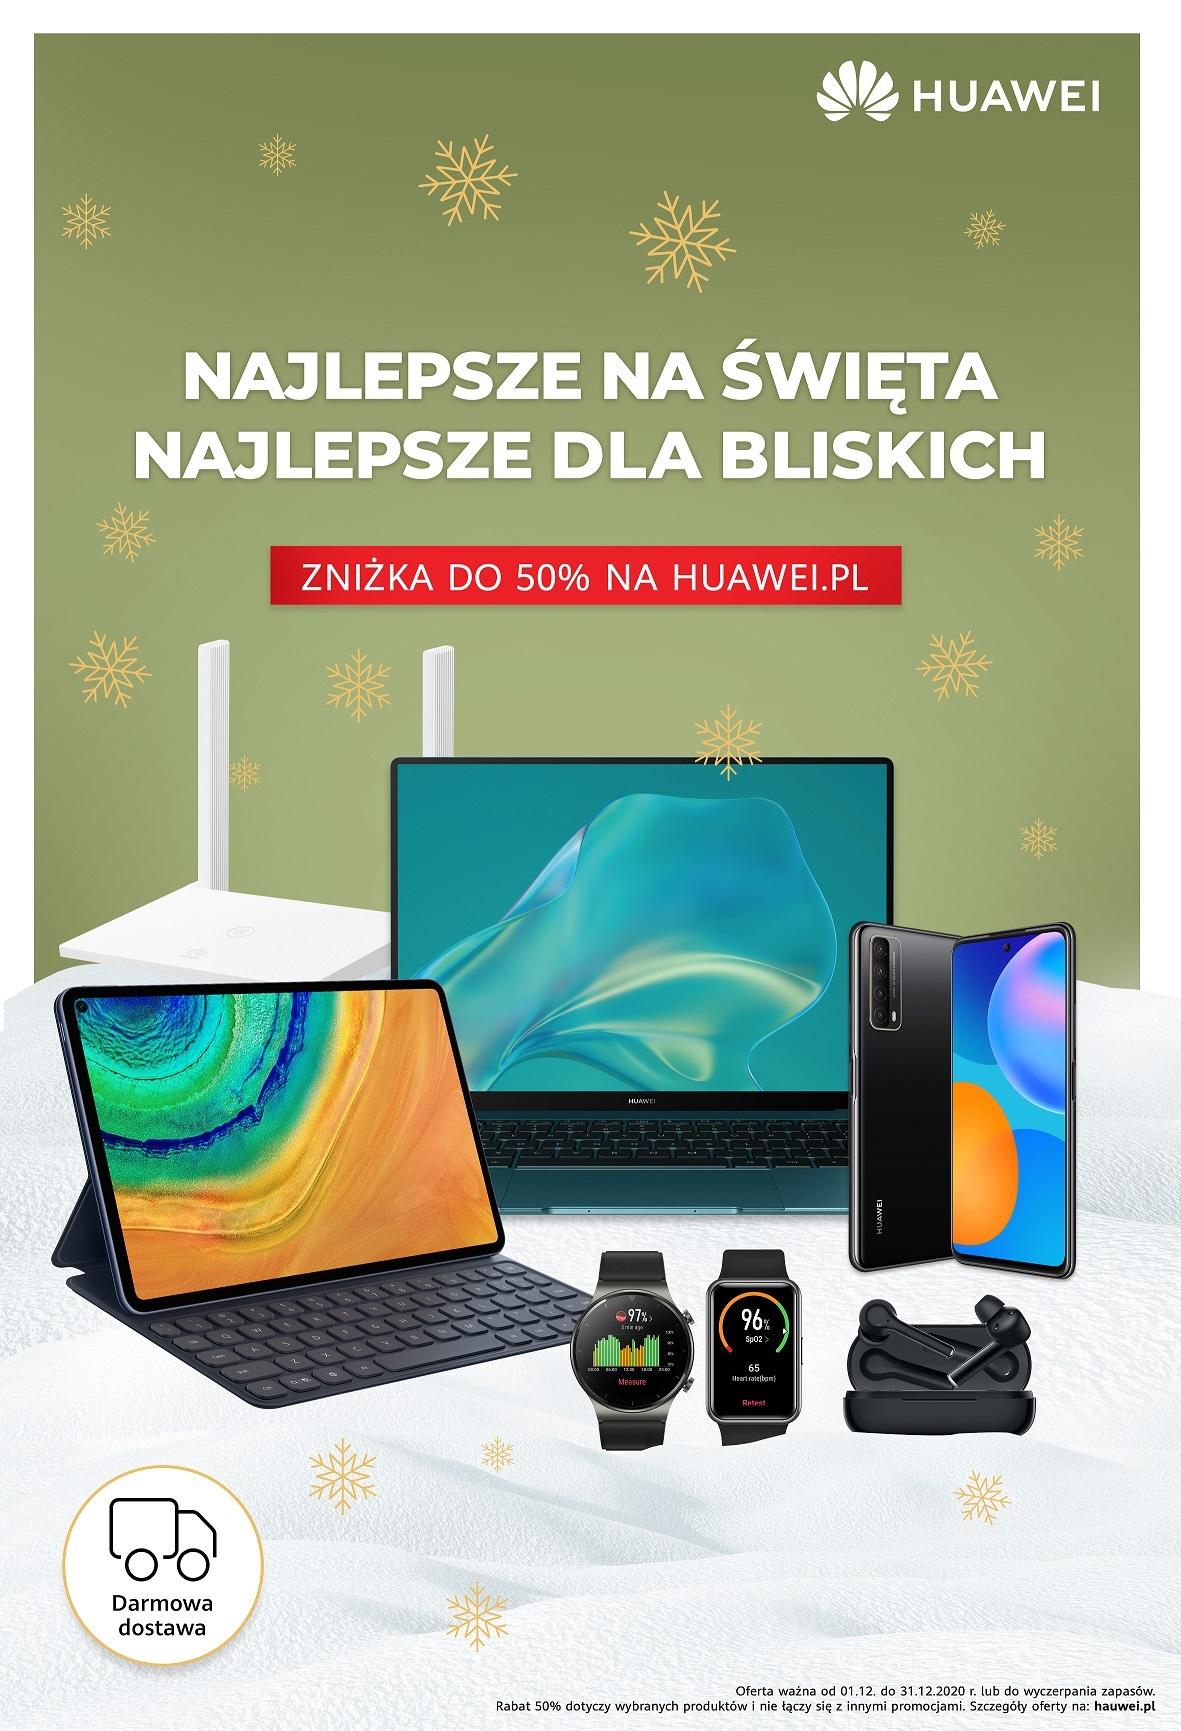 Huawei święta Boże Narodzenie 2020 promocja oferta